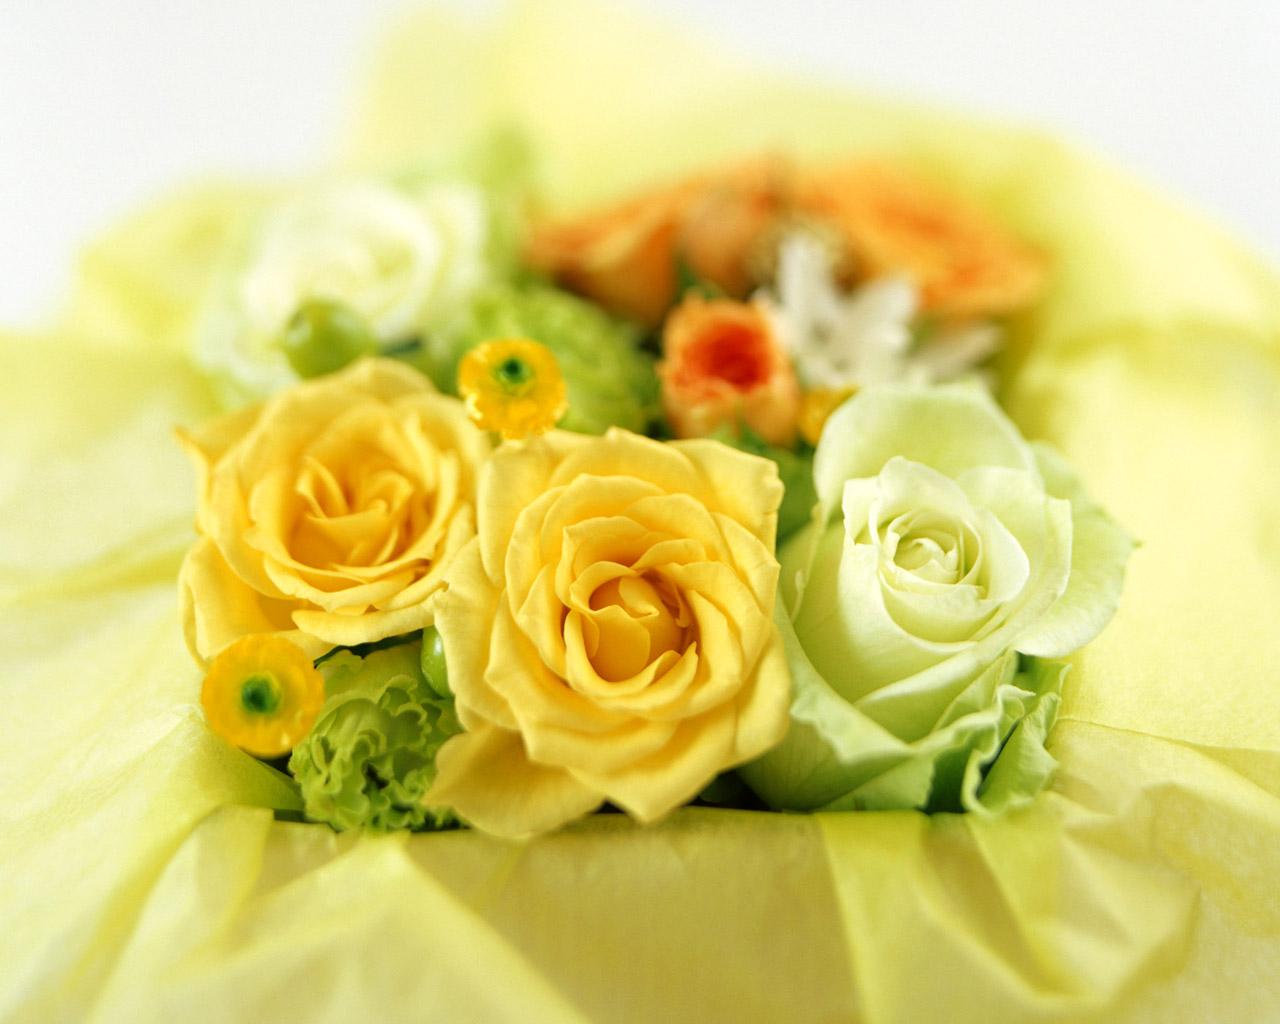 花 壁紙 - Flower WALLPAPER